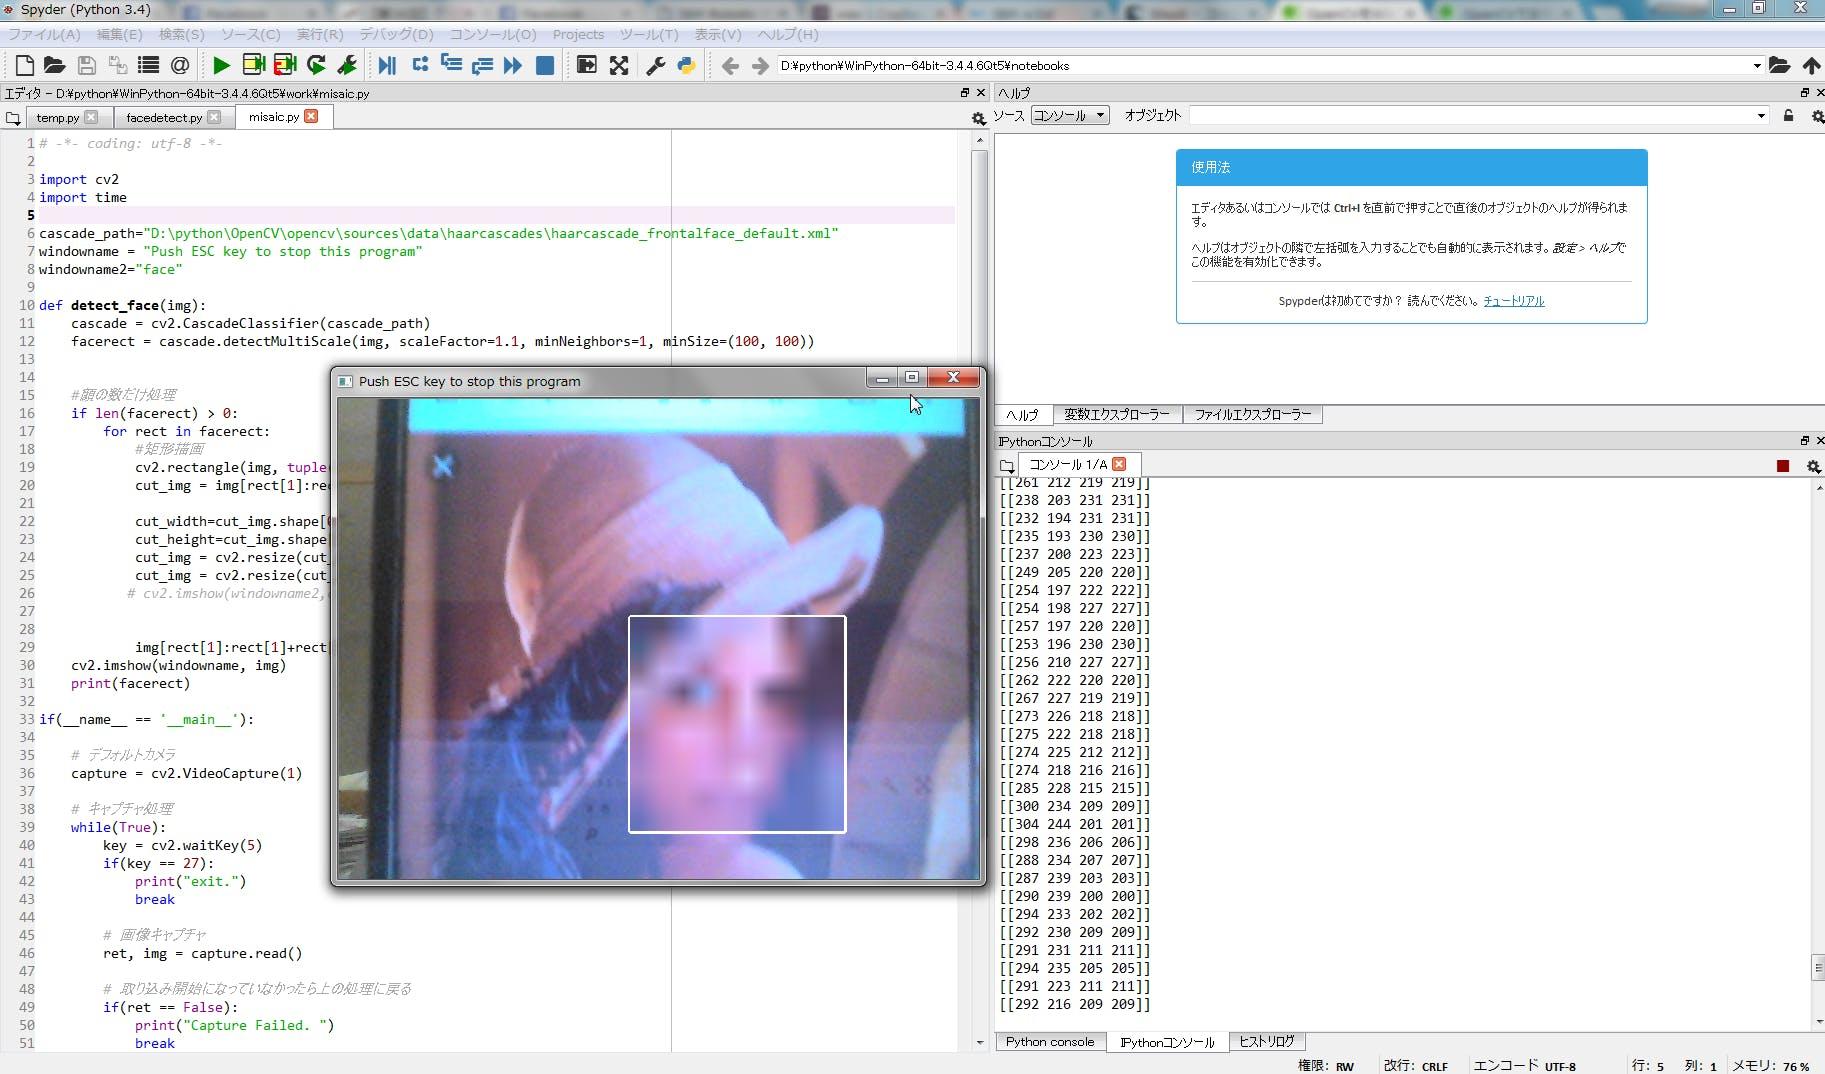 OpenCVで顔にモザイクをかけてみる - Qiita